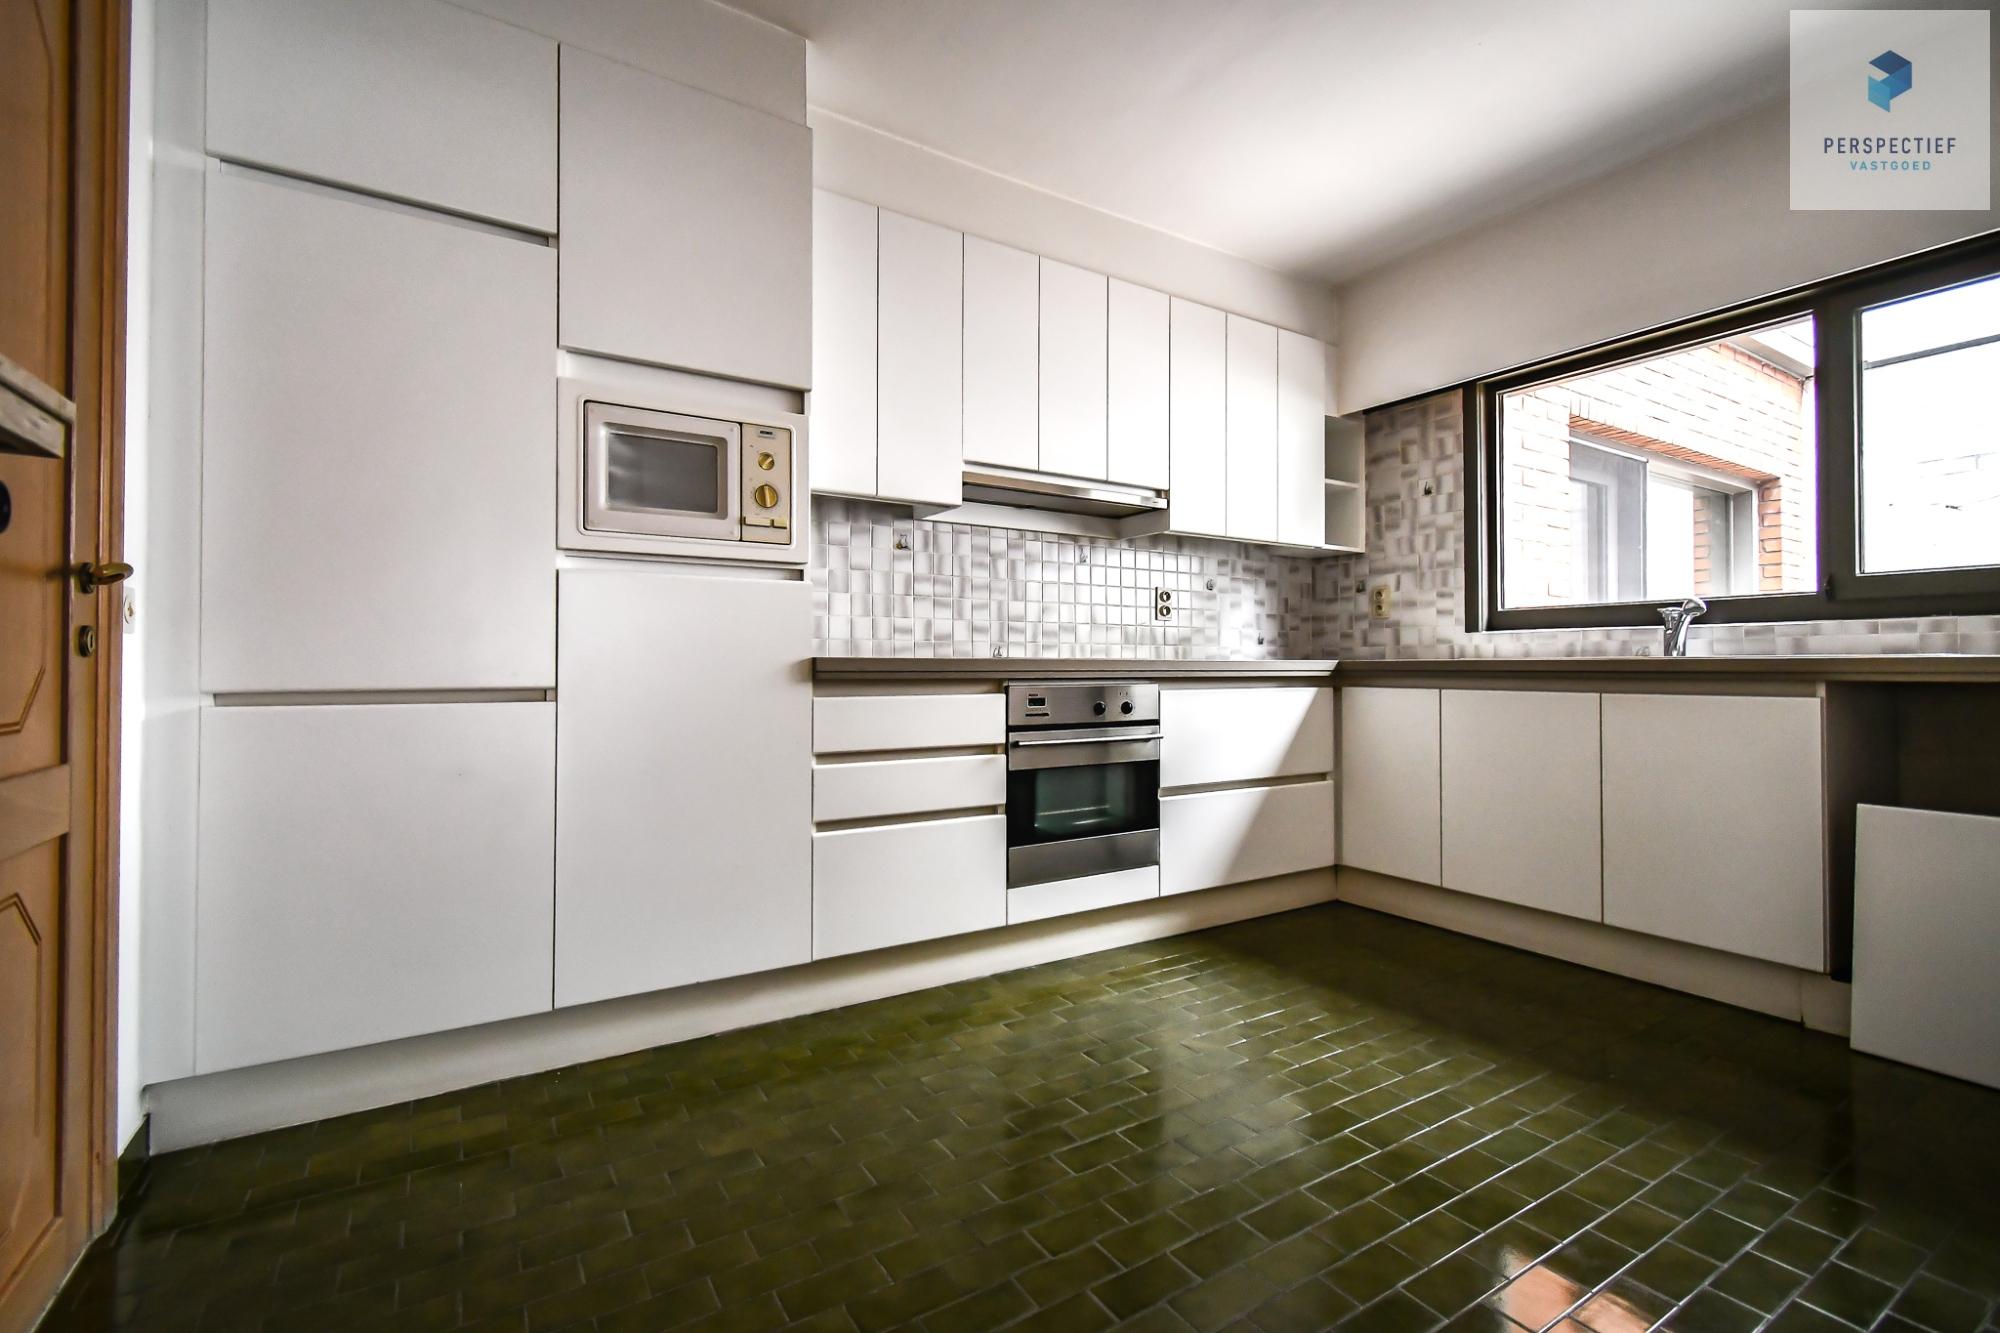 | IN OPTIE | Vrijstaandearchitecturale woningop eentoplocatie, ideaal voor een zelfstandigepraktijk! - 9